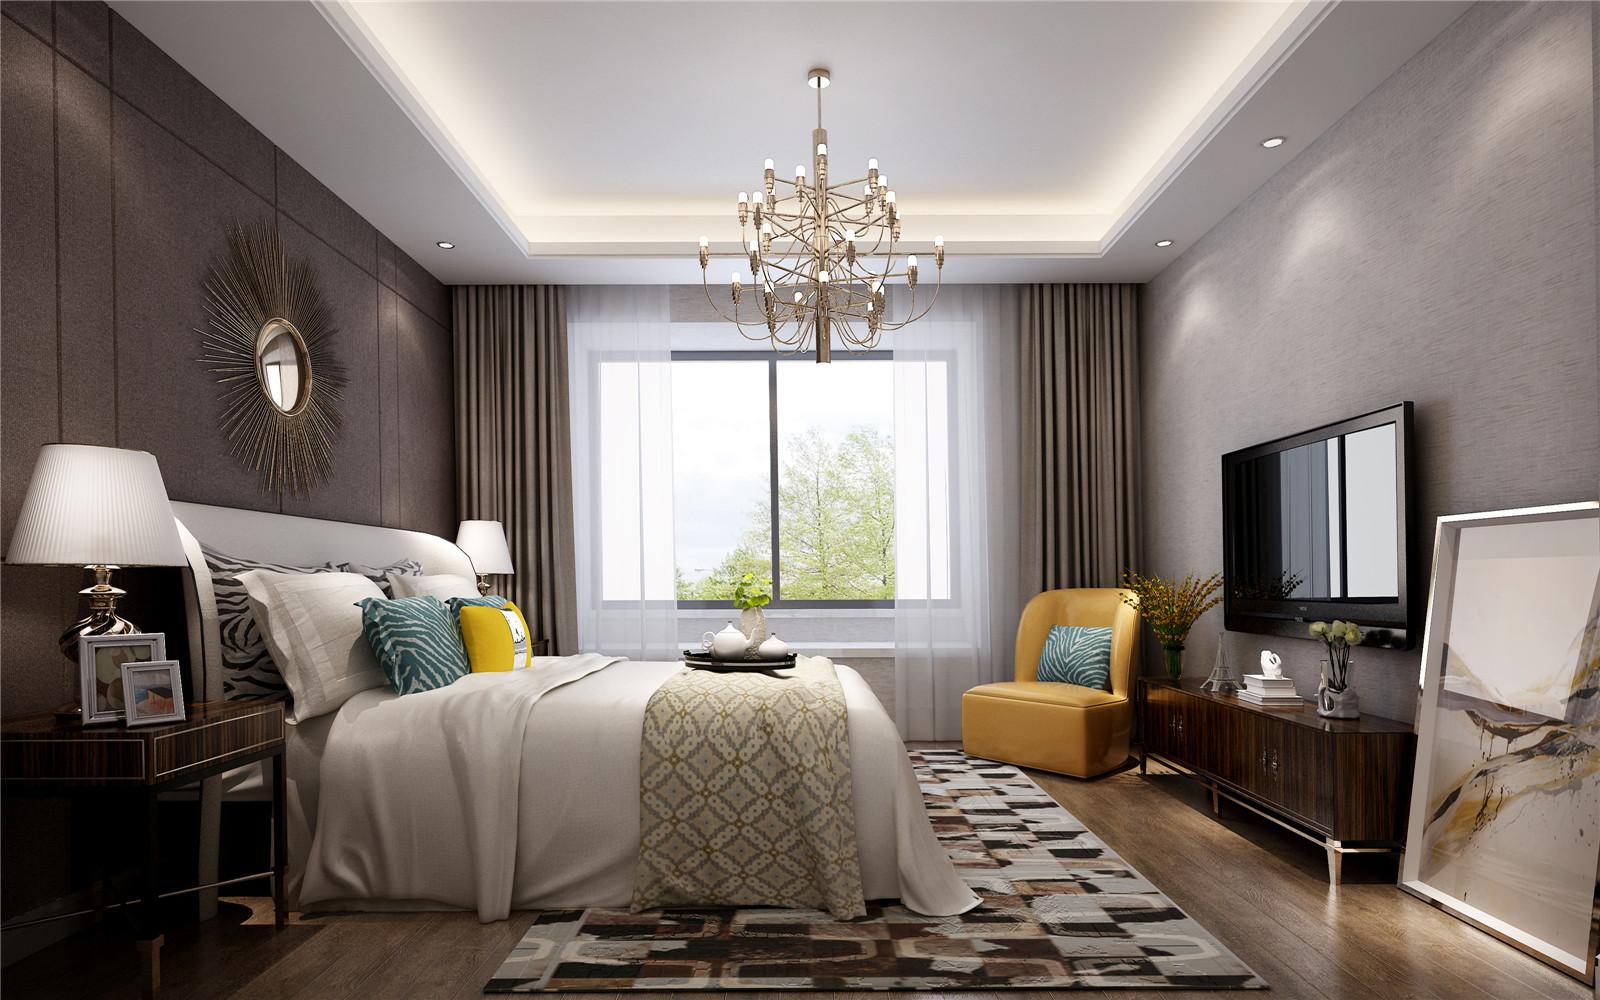 装饰材料与色彩设计为现代风格的室内效果提供了空间背景。 首先,在选材上不再局限于石材、木材、面砖等天然材料,而是将选择范围扩大到金属、涂料、玻璃、塑料以及合成材料,并且夸张材料之间的结构关系,力求表现出一种完全区别于传统风格的高度技术的室内空间气氛。在材料之间的关系交接上,现代设计需要通过特殊的处理手法以及精细的施工工艺来达到要求。 其次,现代风格的色彩设计受现代绘画流派思潮影响很大。通过强调原色之间的对比协调来追求一种具有普遍意义的永恒的艺术主题。装饰画、织物的选择对于整个色彩效果也起到点明主题之作。